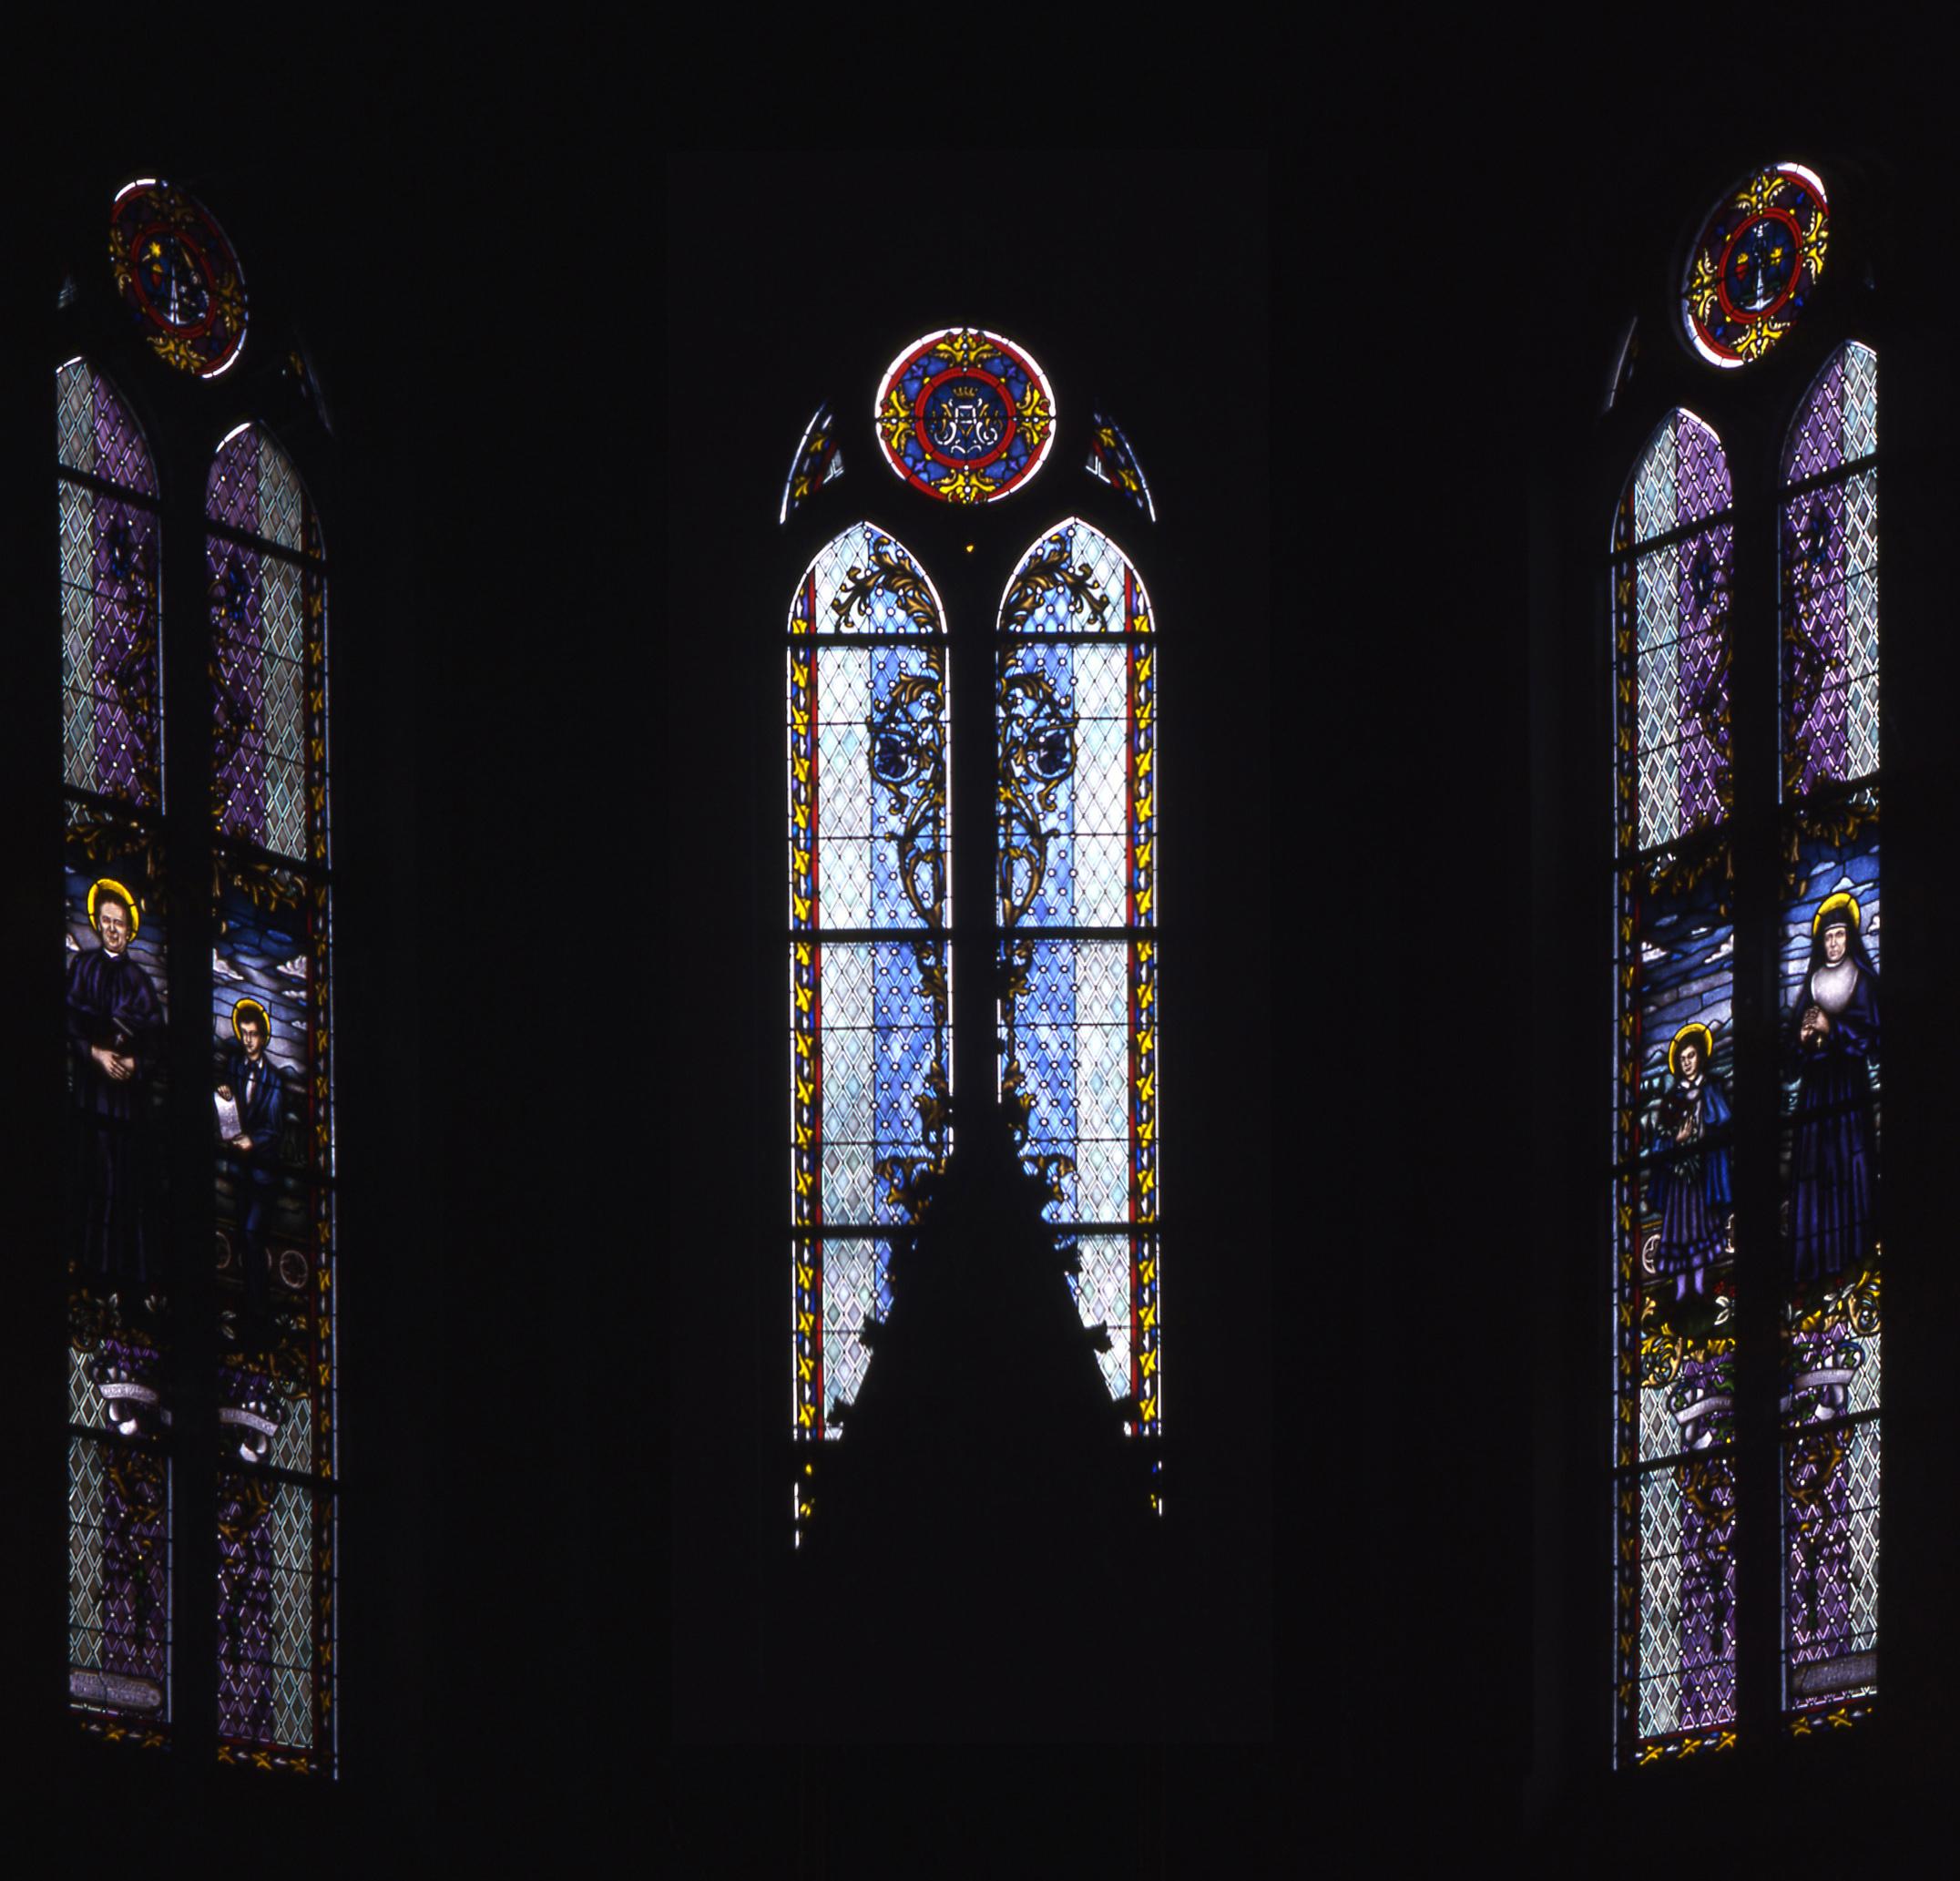 <p>sanktuarium Matki Bożej Wspomożenia Wiernych Bazylika Mniejsza –Twardogóra</p>